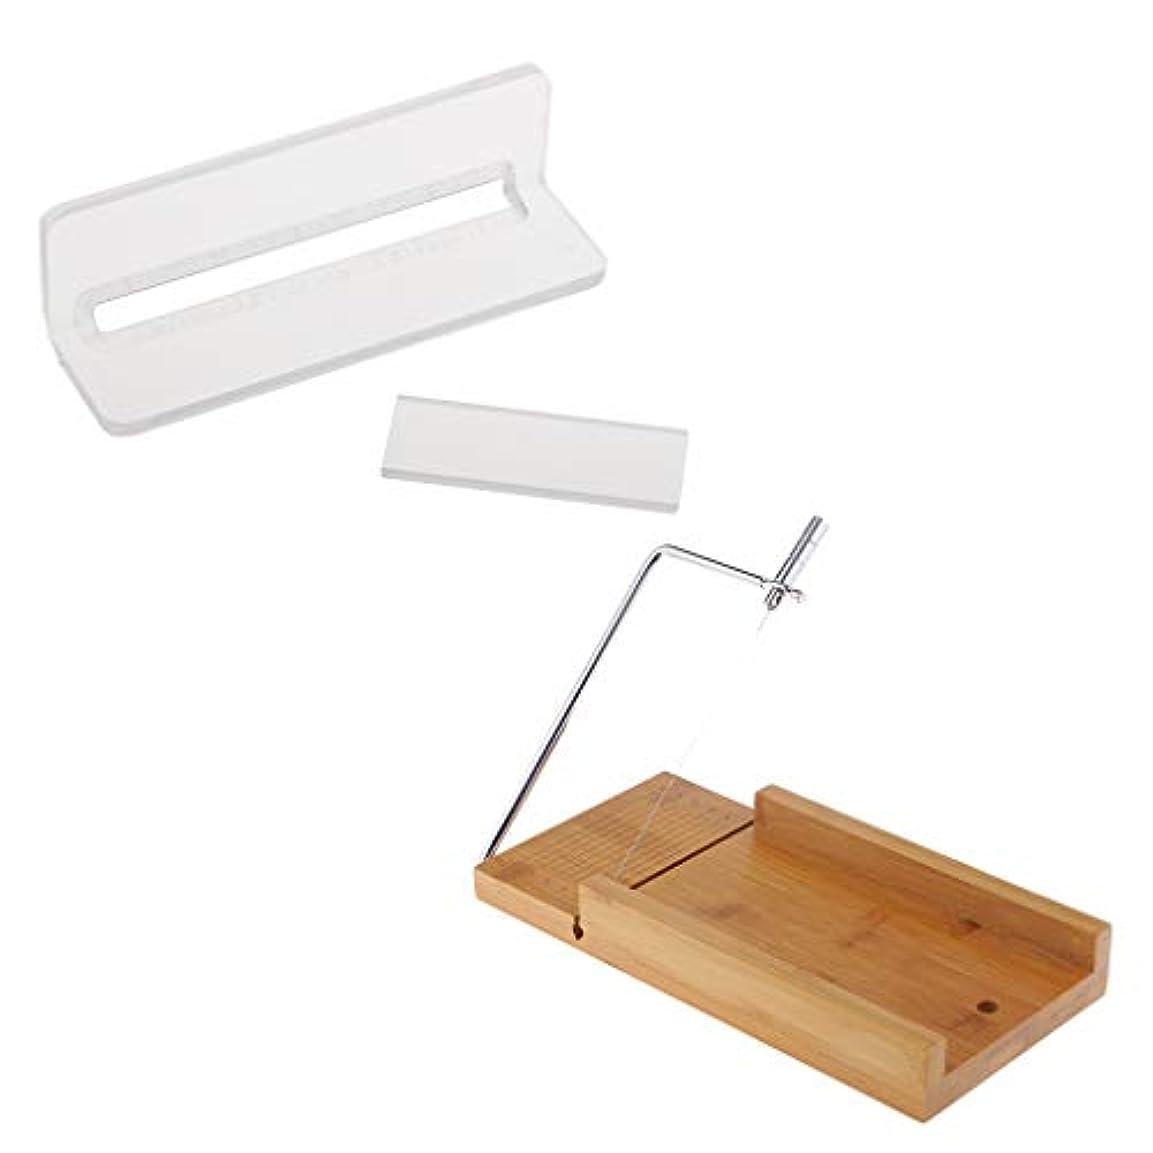 足首金属休憩するD DOLITY ソープカッター 木製 石鹸カッター ローフカッター チーズナイフ 2個入り